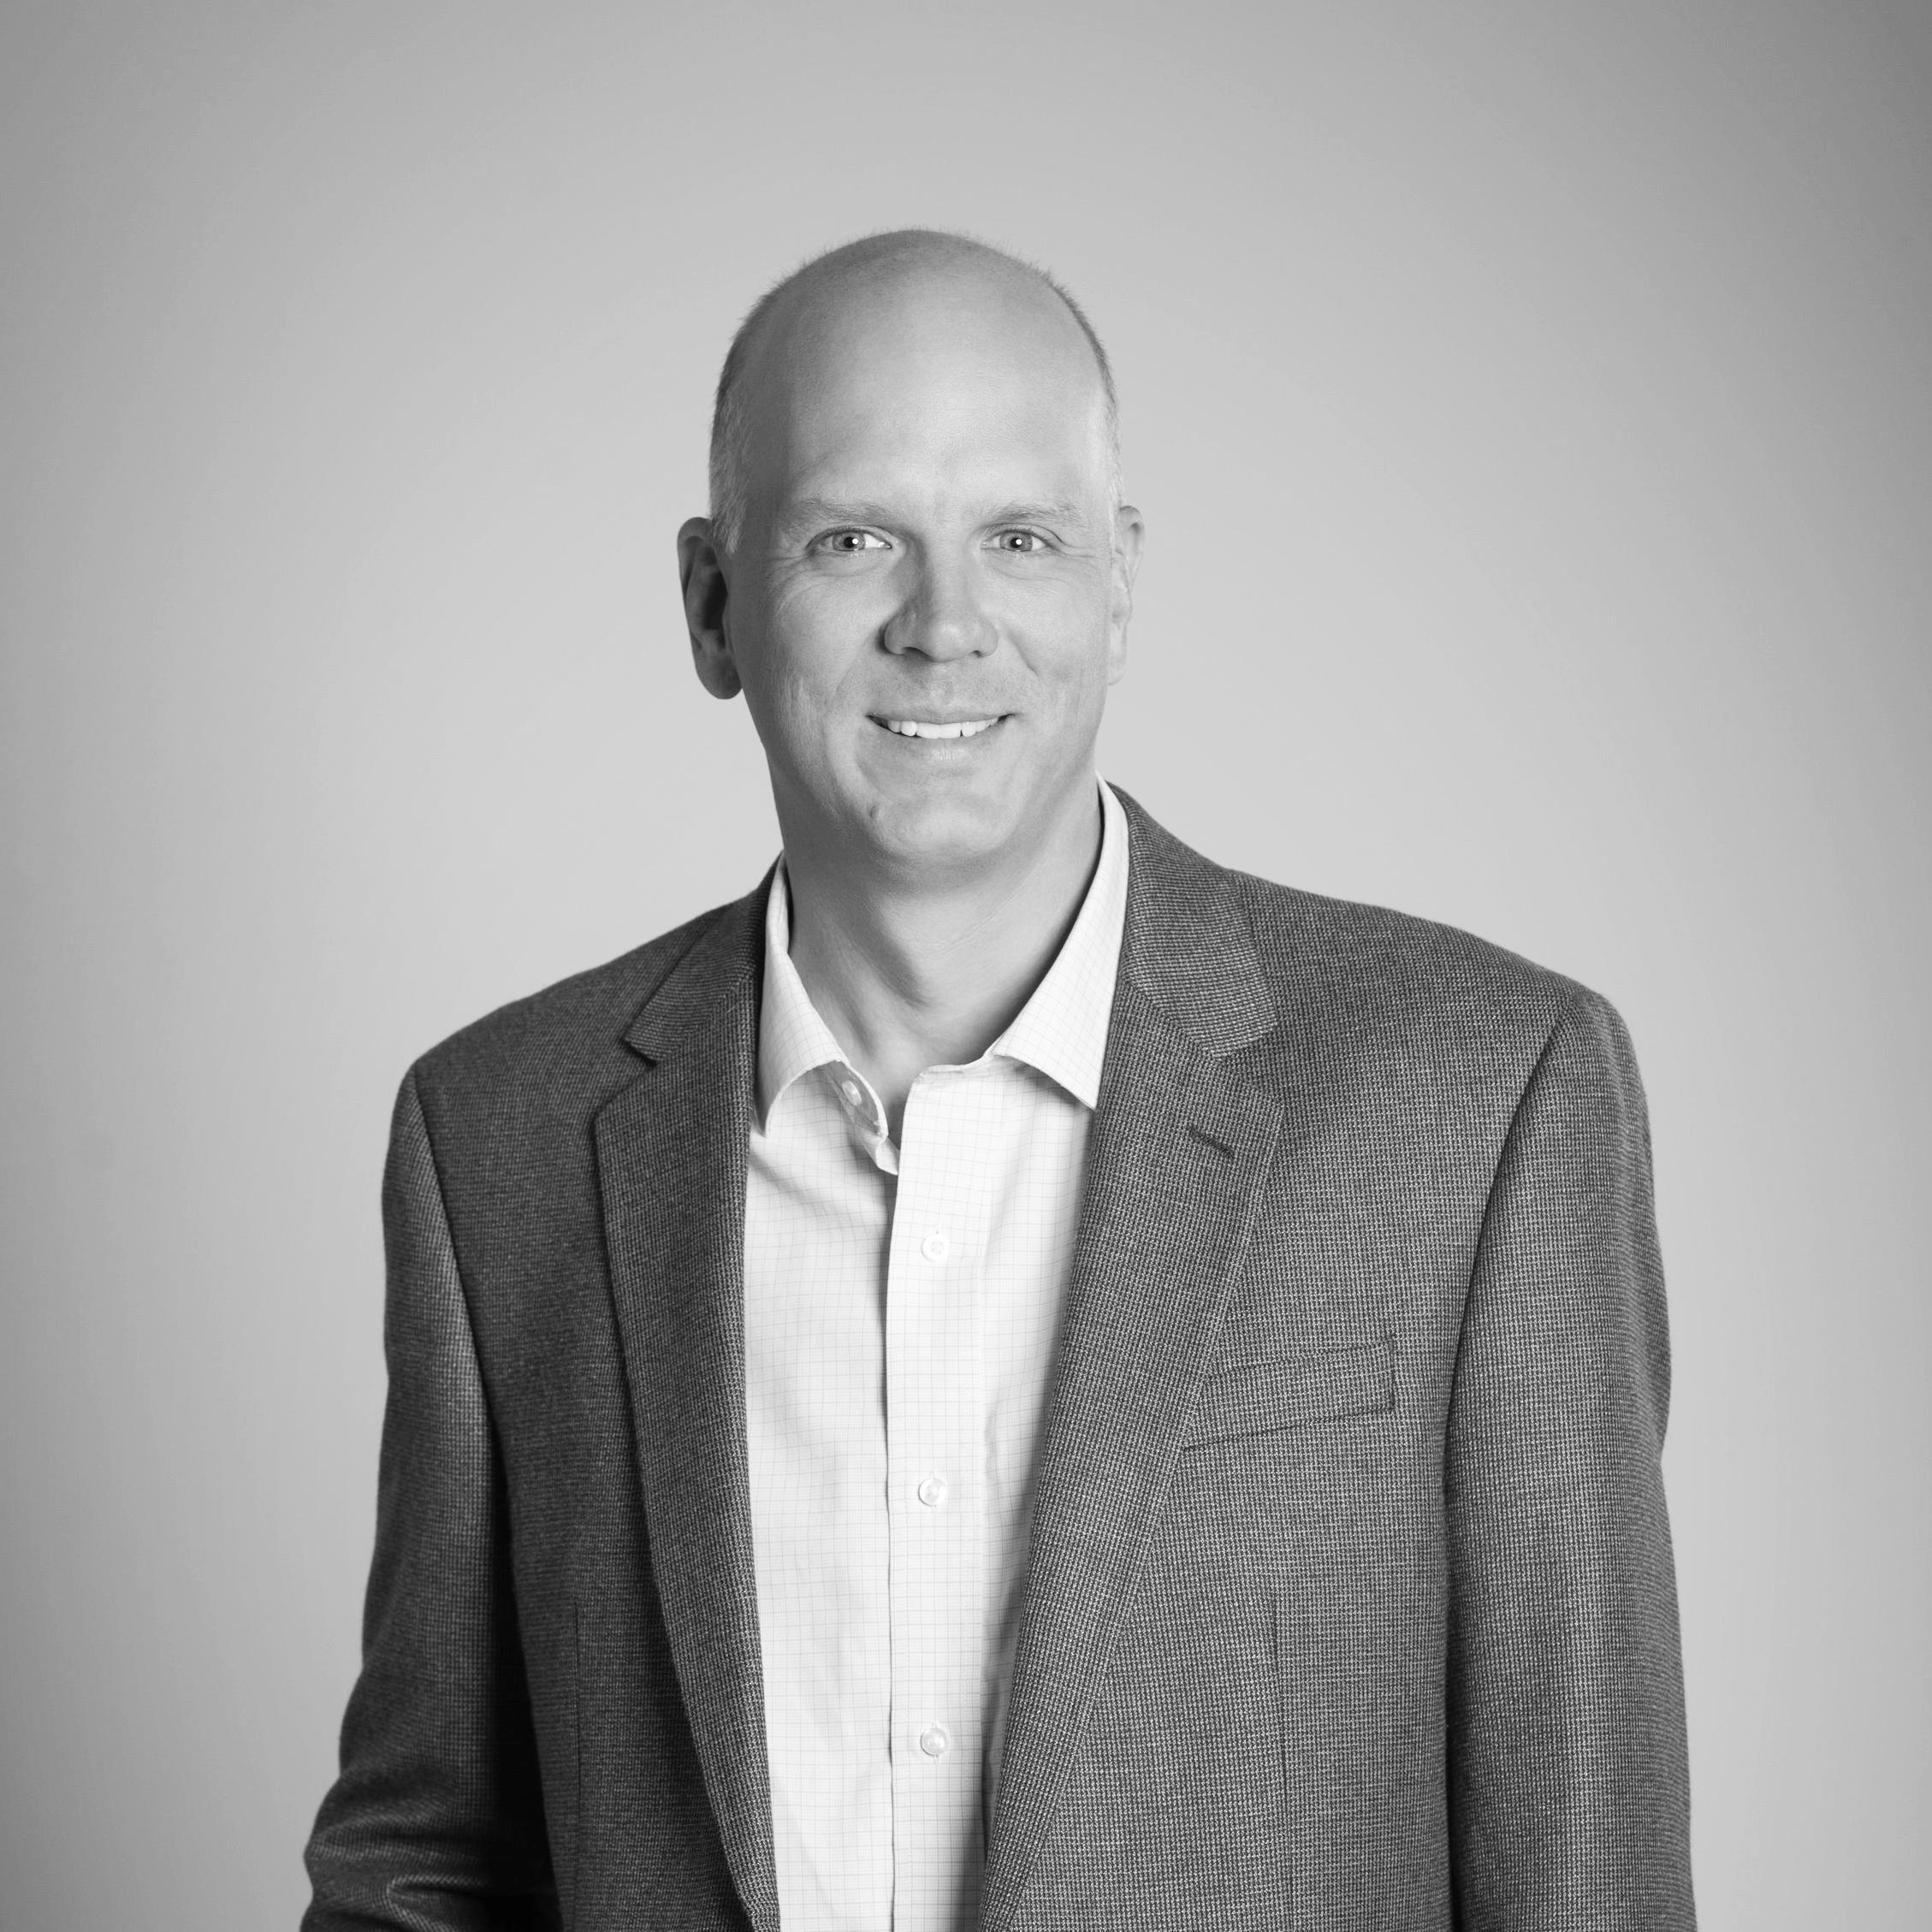 Don Broekelmann - Portfolio Manager